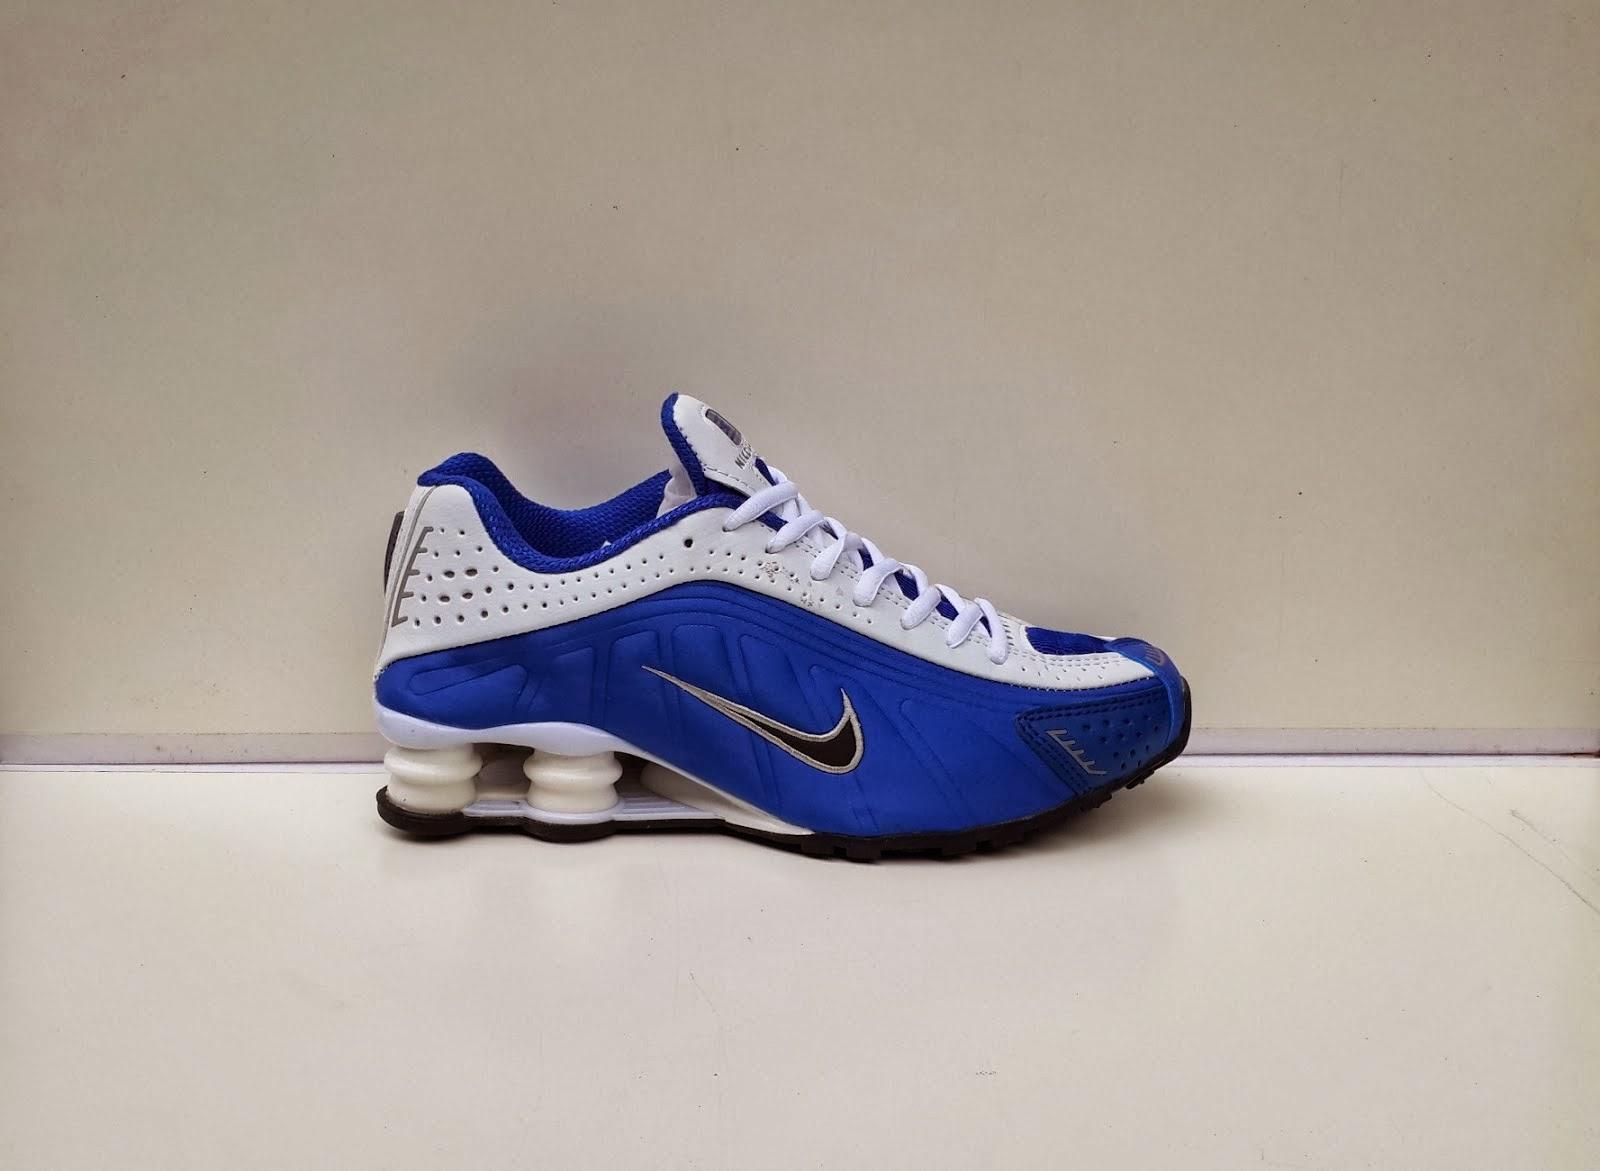 Sepatu Nike Shox R4 - Supplier Sepatu Murah ace946799d